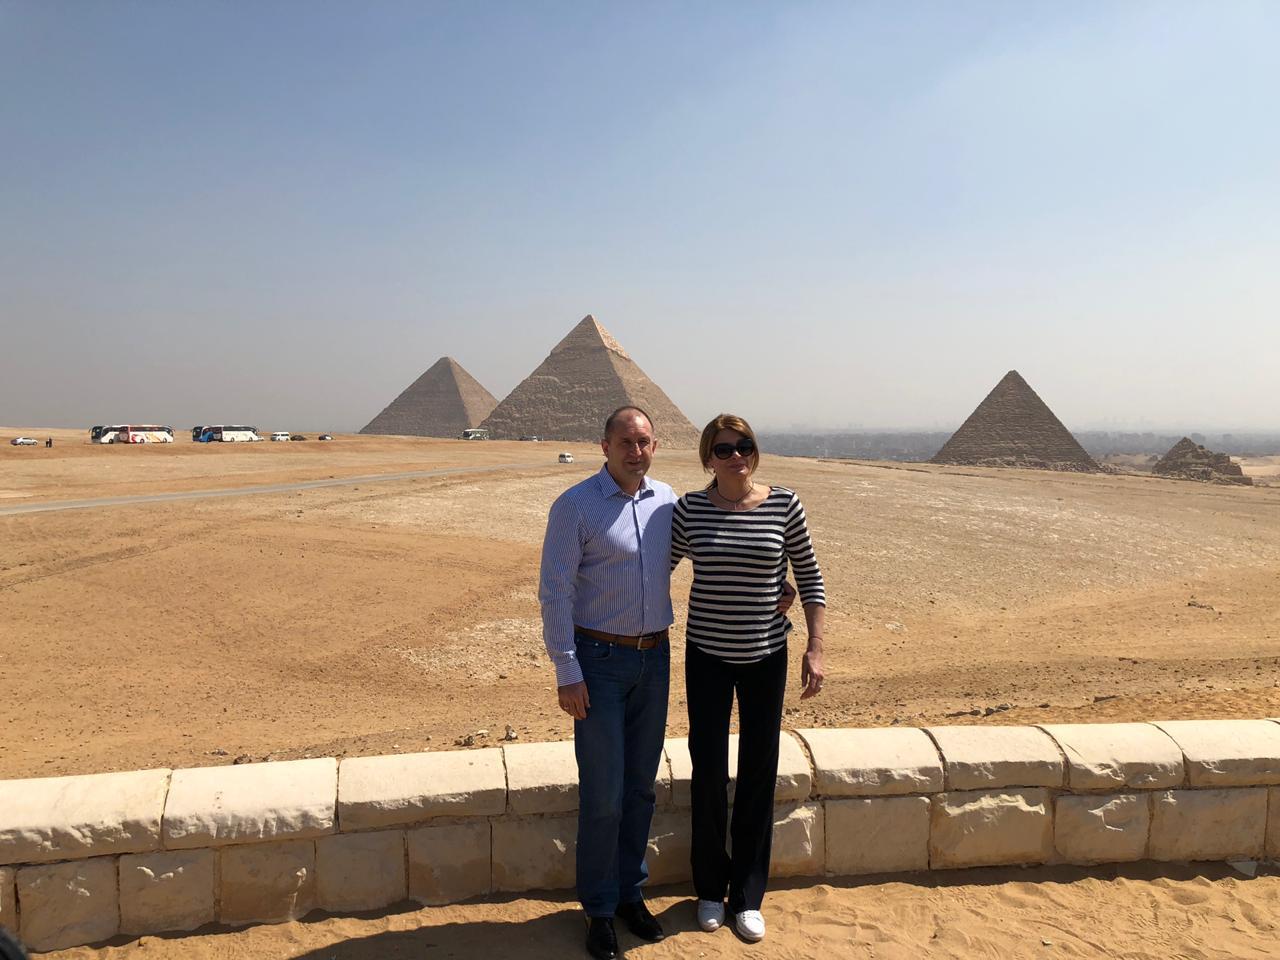 خلال زيارة الرئيس البلغارى وزوجته لمنطقة آثار الهرم (4)